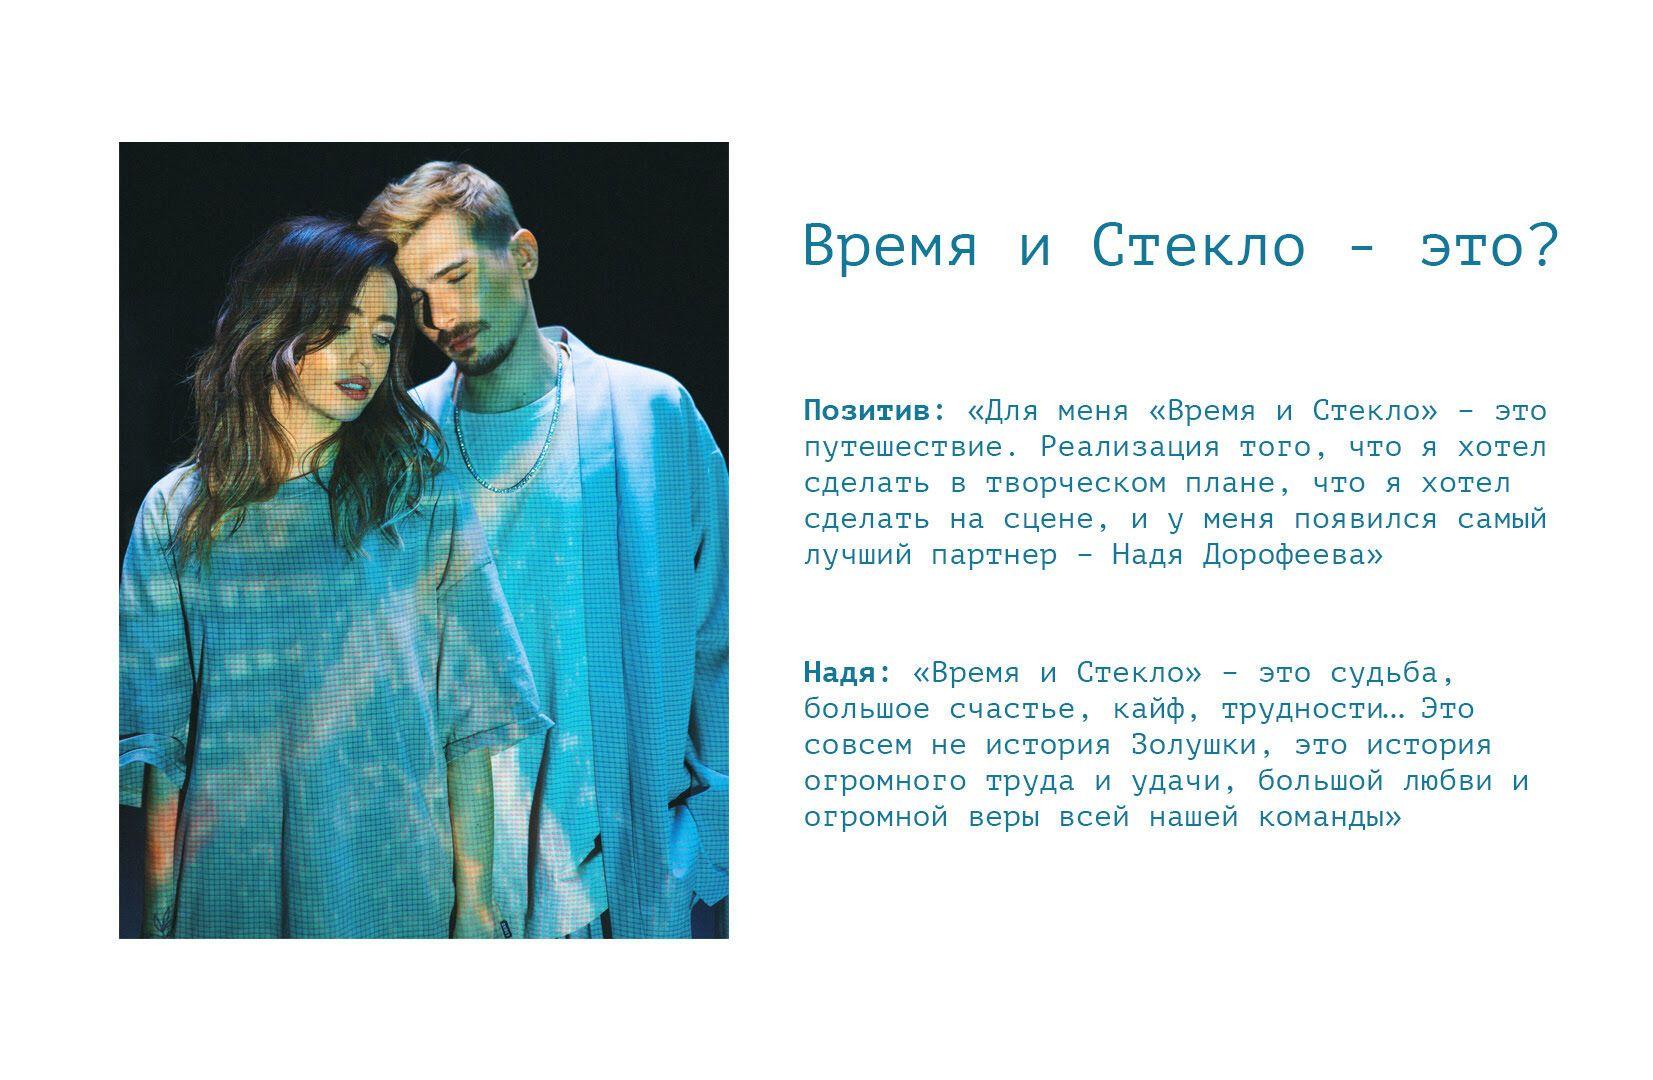 """""""Время и стекло"""" розпалися: коли відбудеться прощальний концерт"""